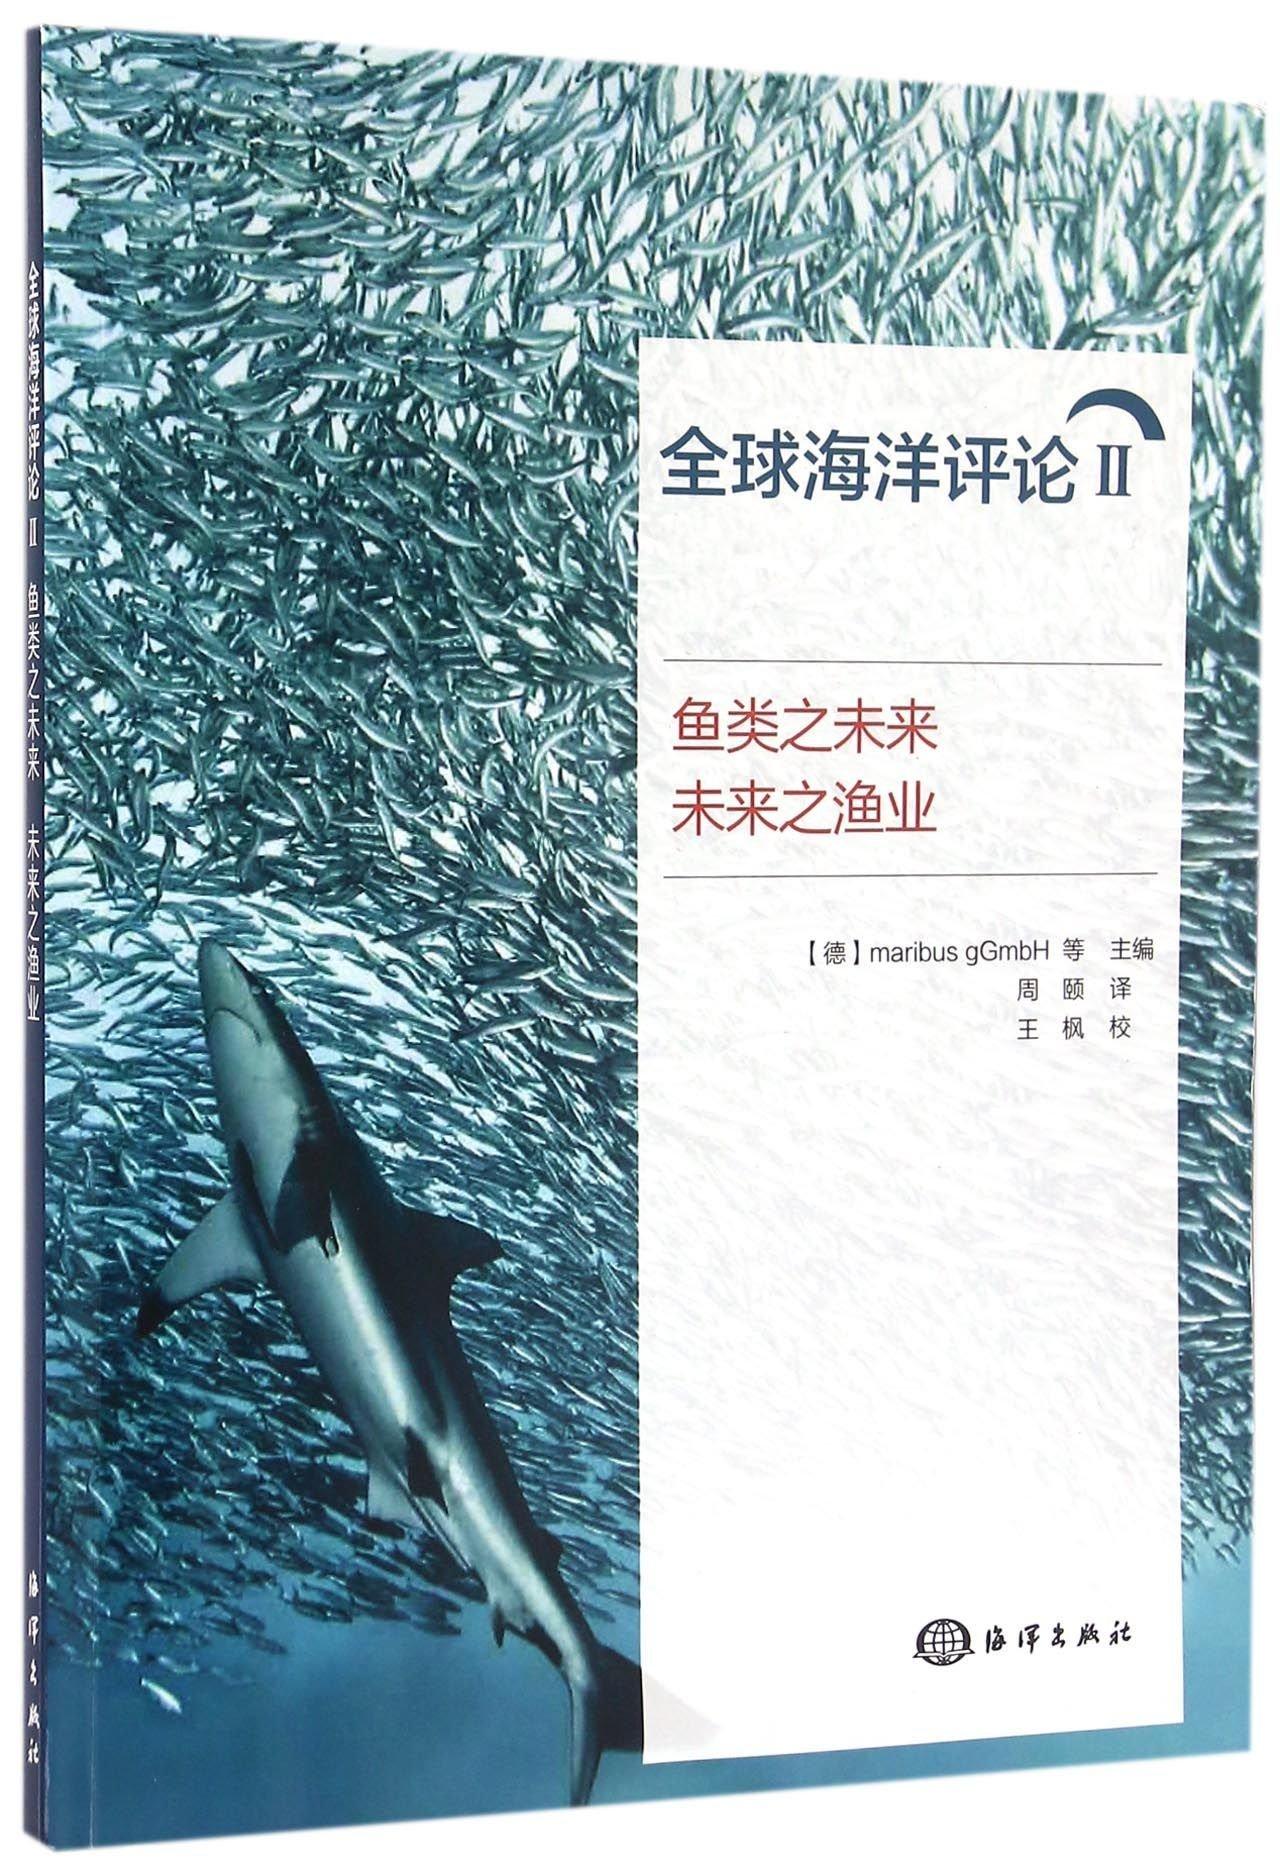 全球海洋评论(Ⅱ鱼类之未来未来之渔业) pdf epub